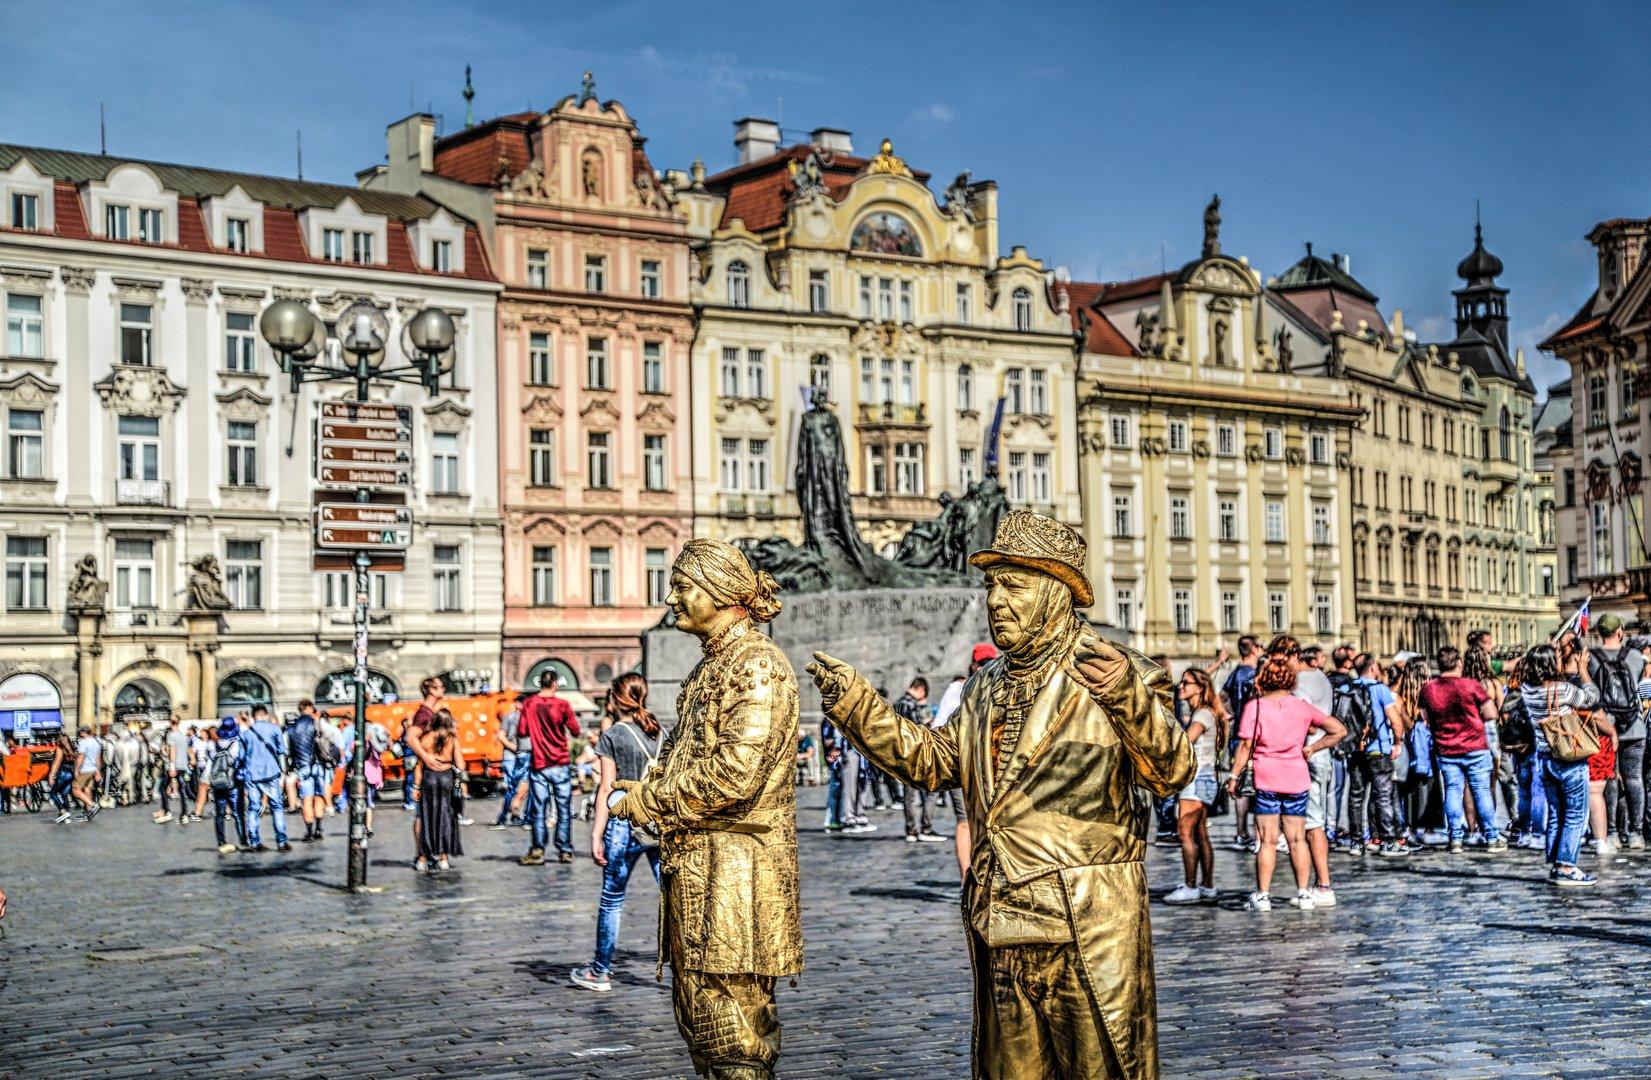 Upoznavanje u Pragu Češkoj